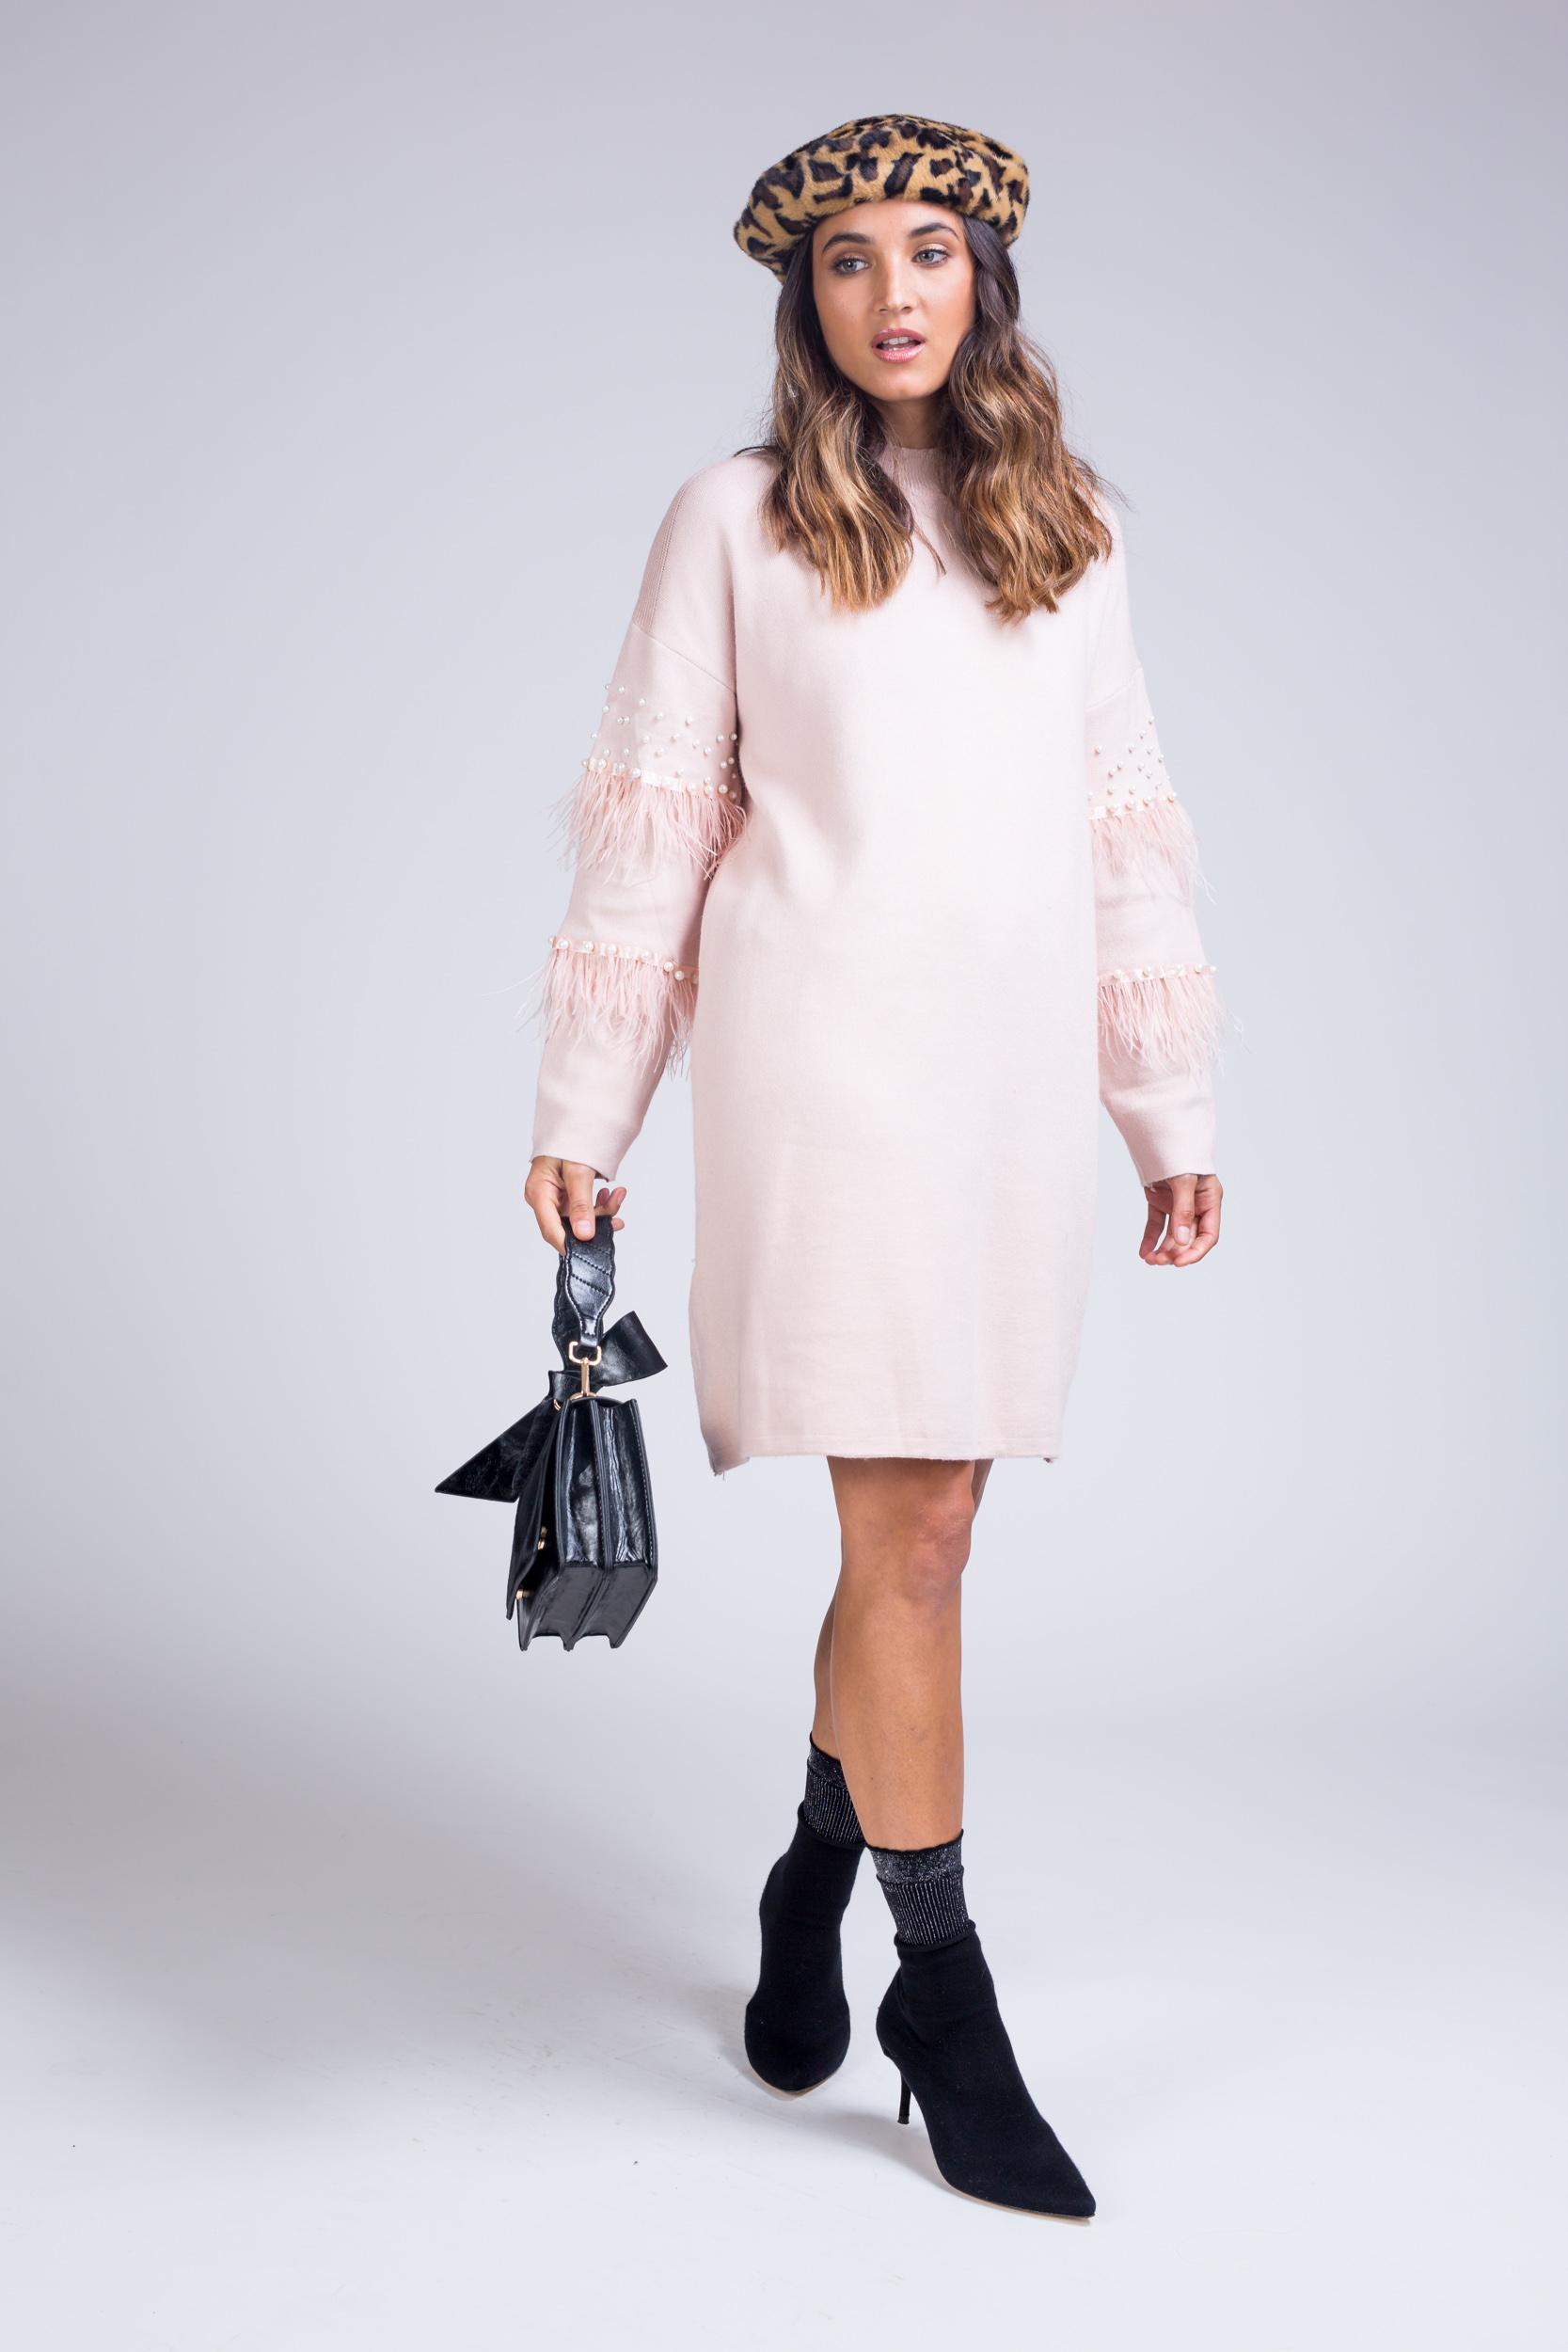 שמלת סריג בשילוב פנינים בשרוולי הידיים